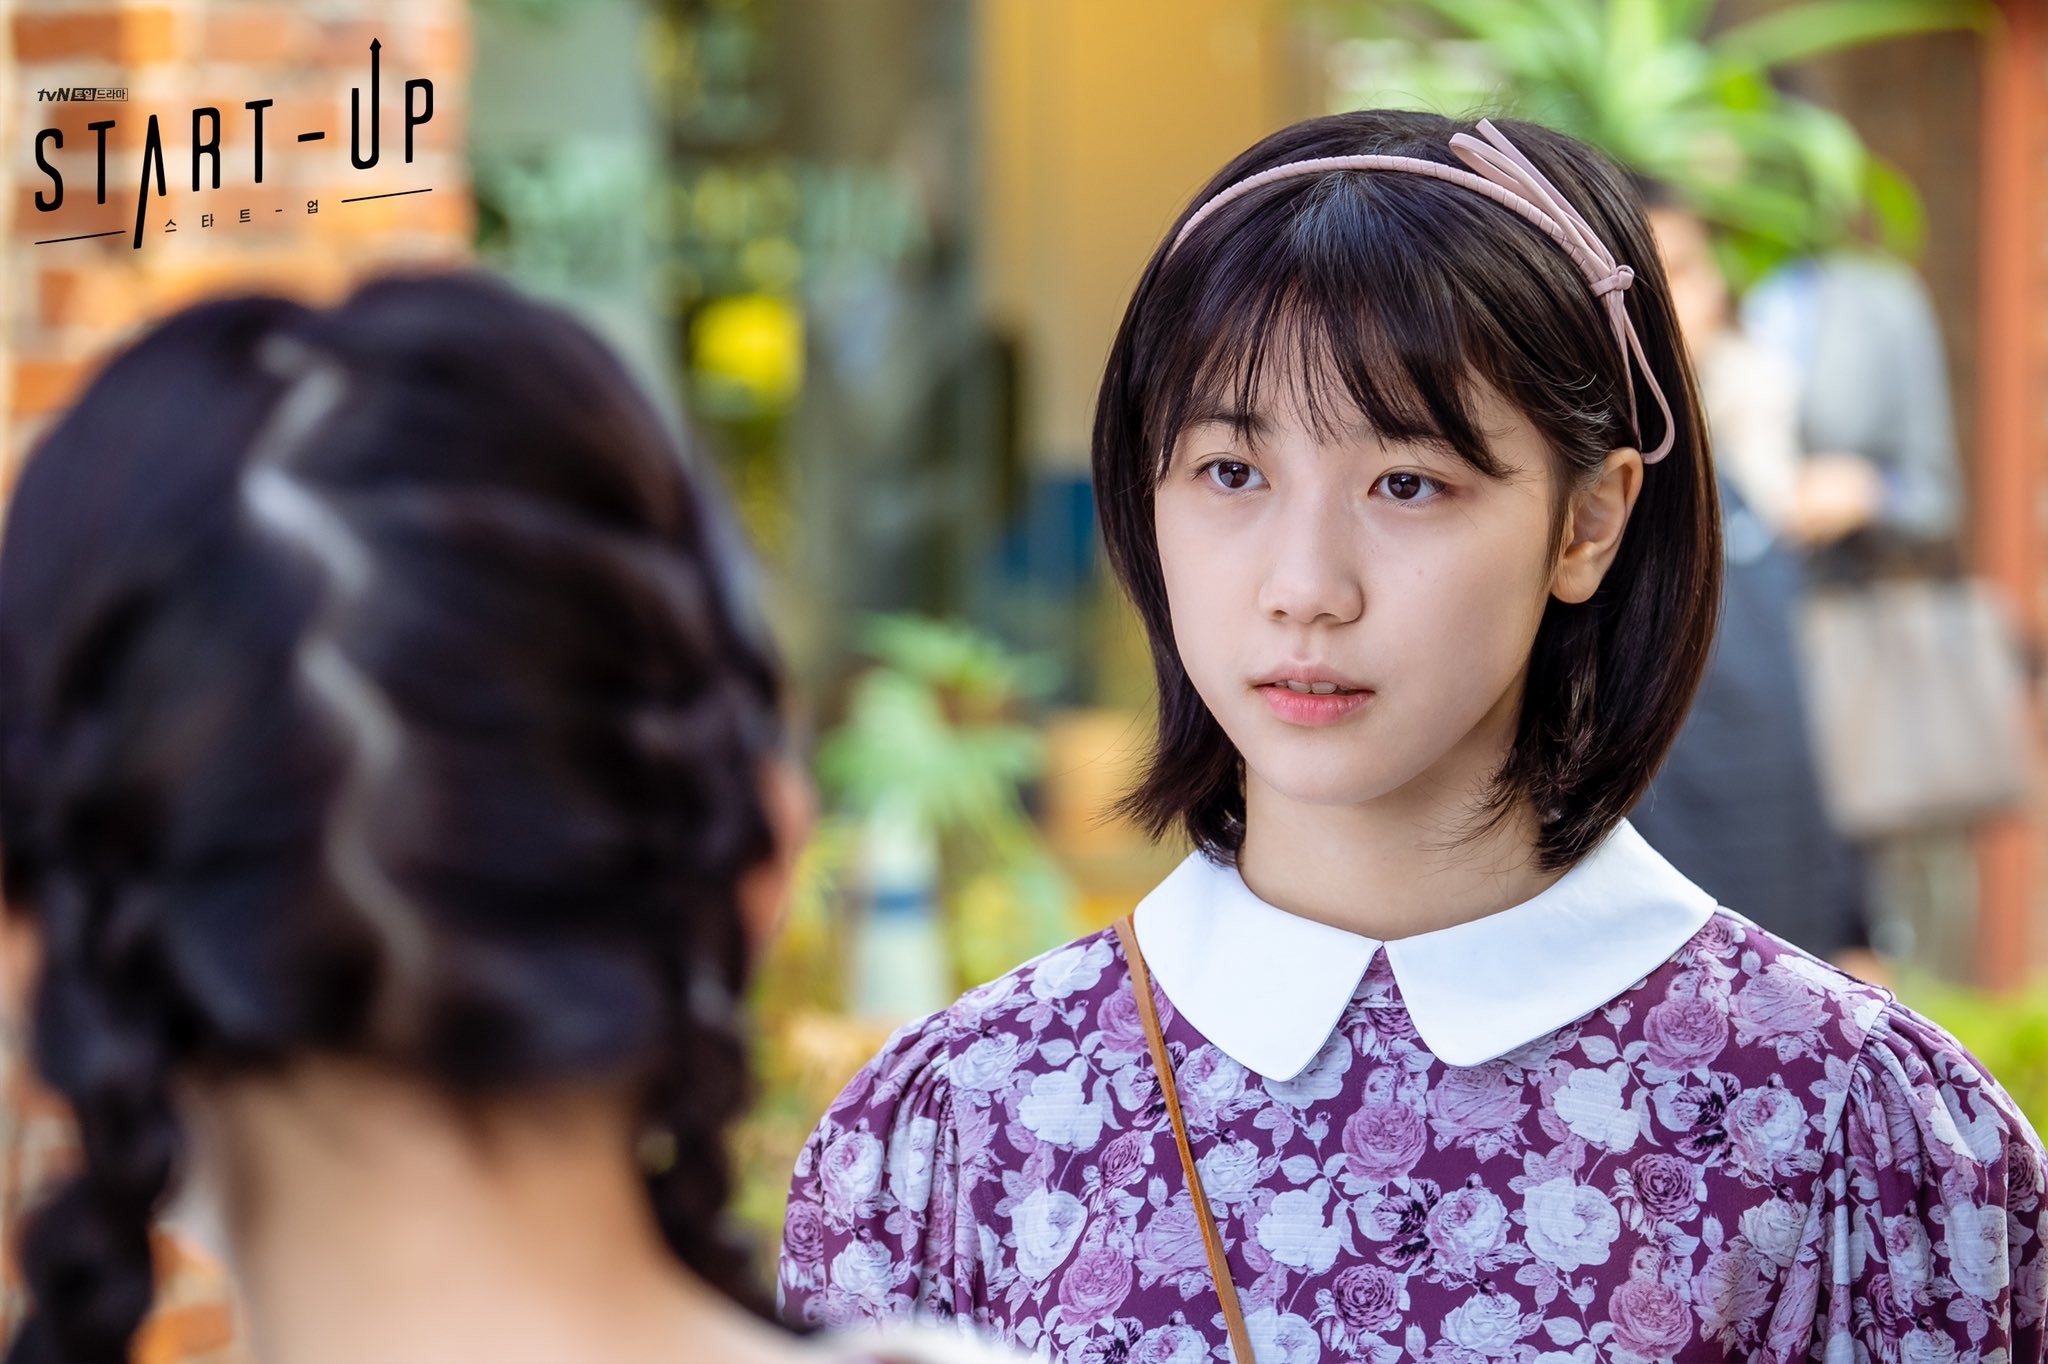 """Lee Re - Penulis Naskah Drama """"Start-Up"""" Di kritik Karena Screentime Kang Han Nah Berkurang"""